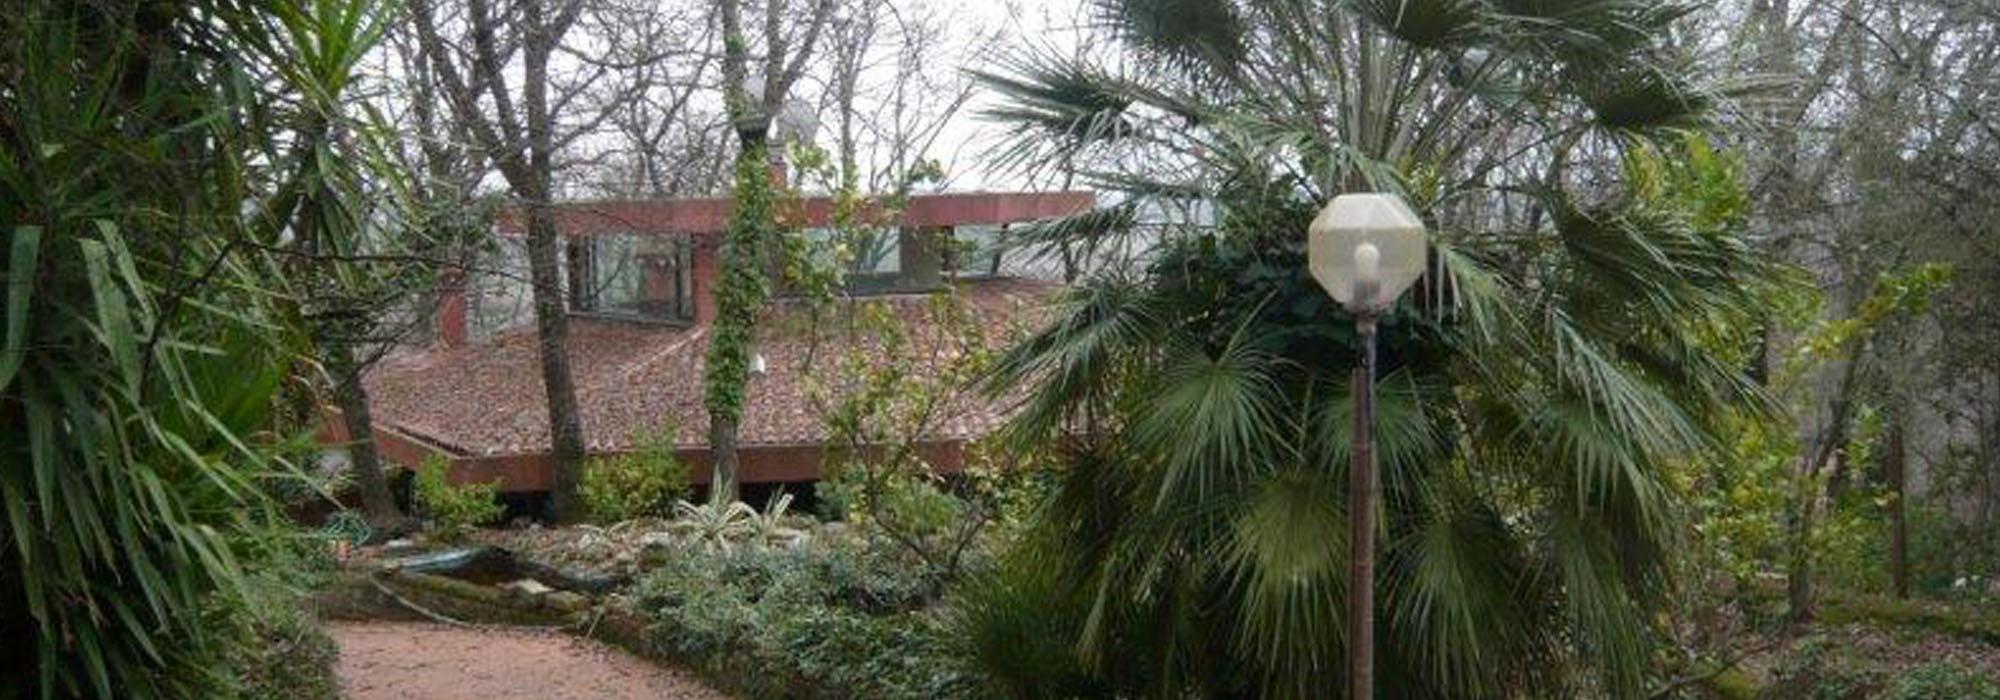 Villa Colleromano disegno Ottagonale